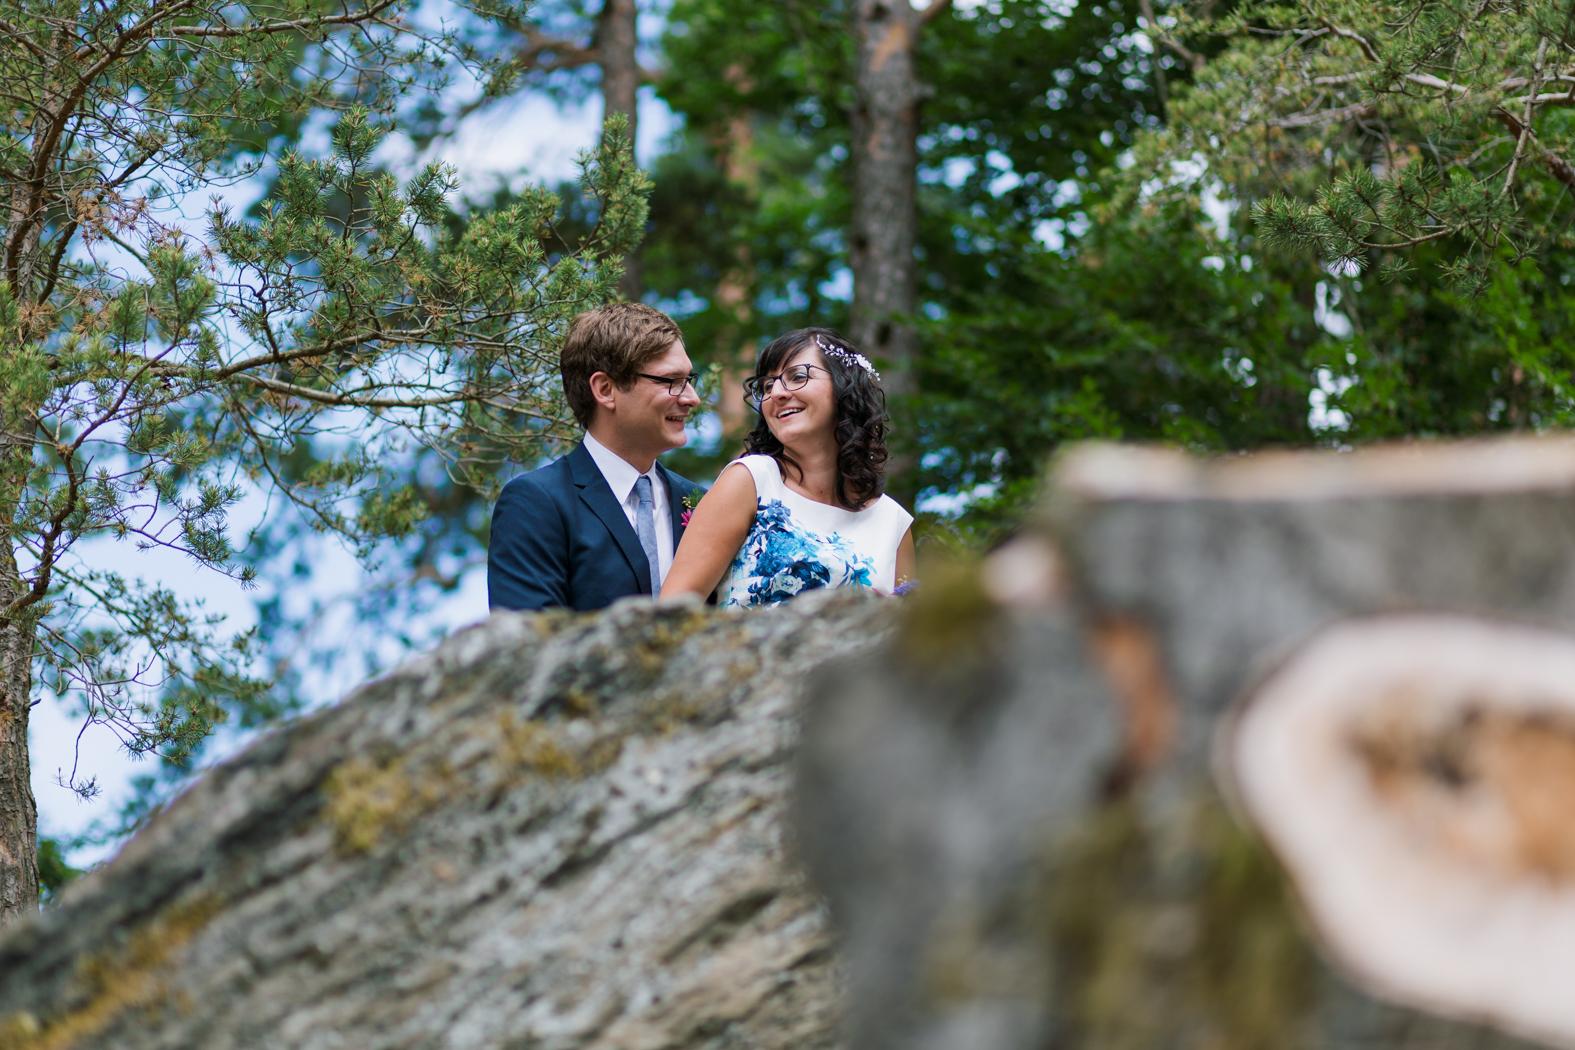 Hochzeitsfotos-Saalfeld-Voigtlaender-Zeuner (64)